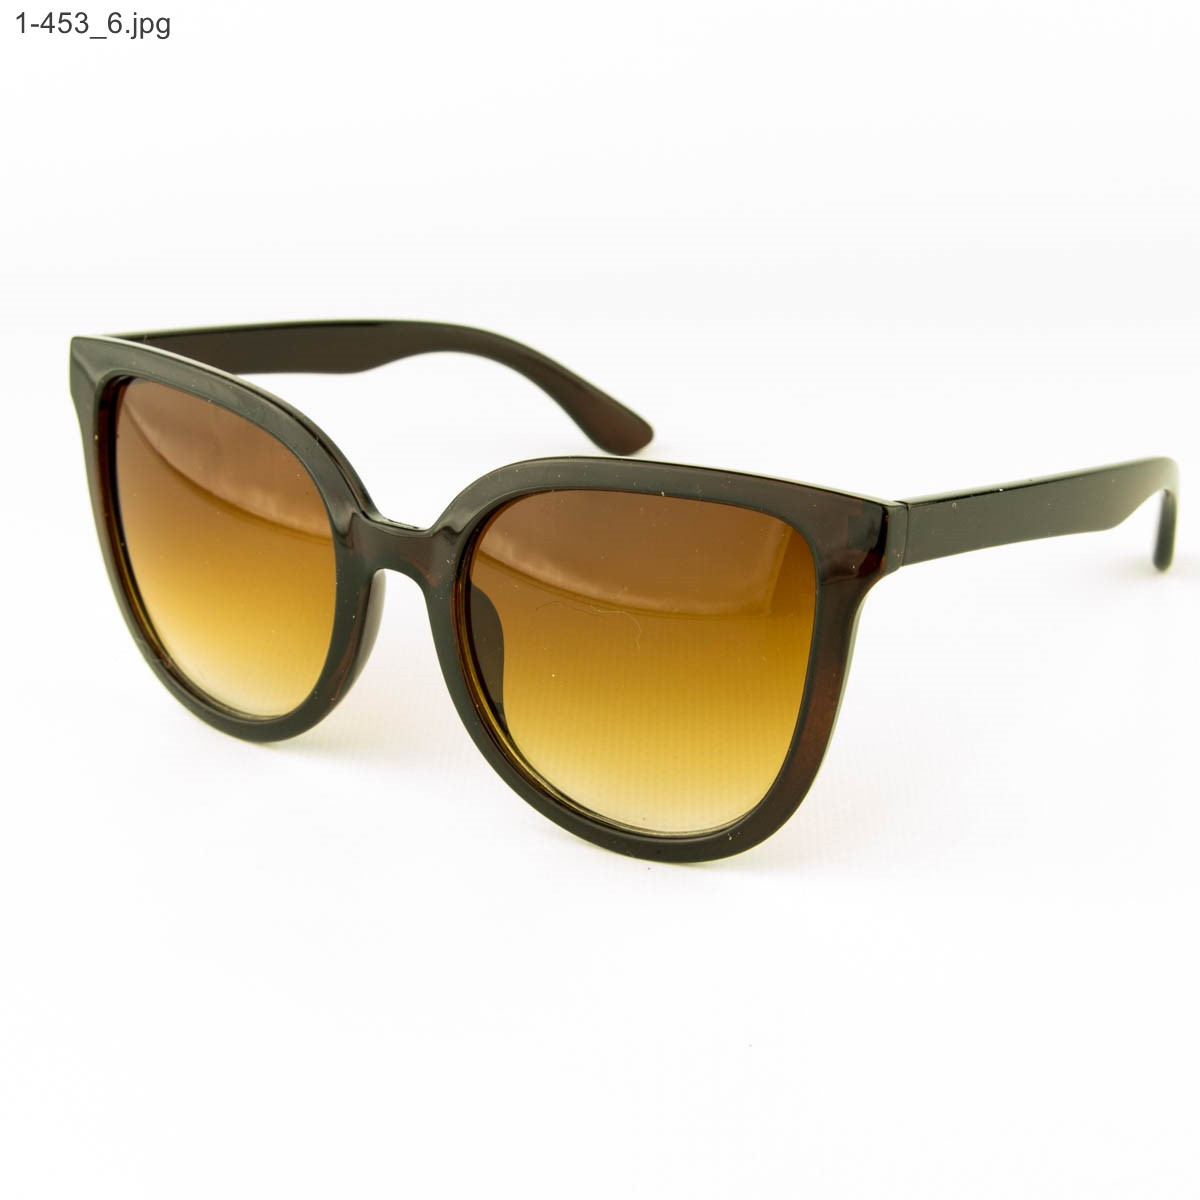 Солнцезащитные женские очки - Коричневые - 1-453, фото 1